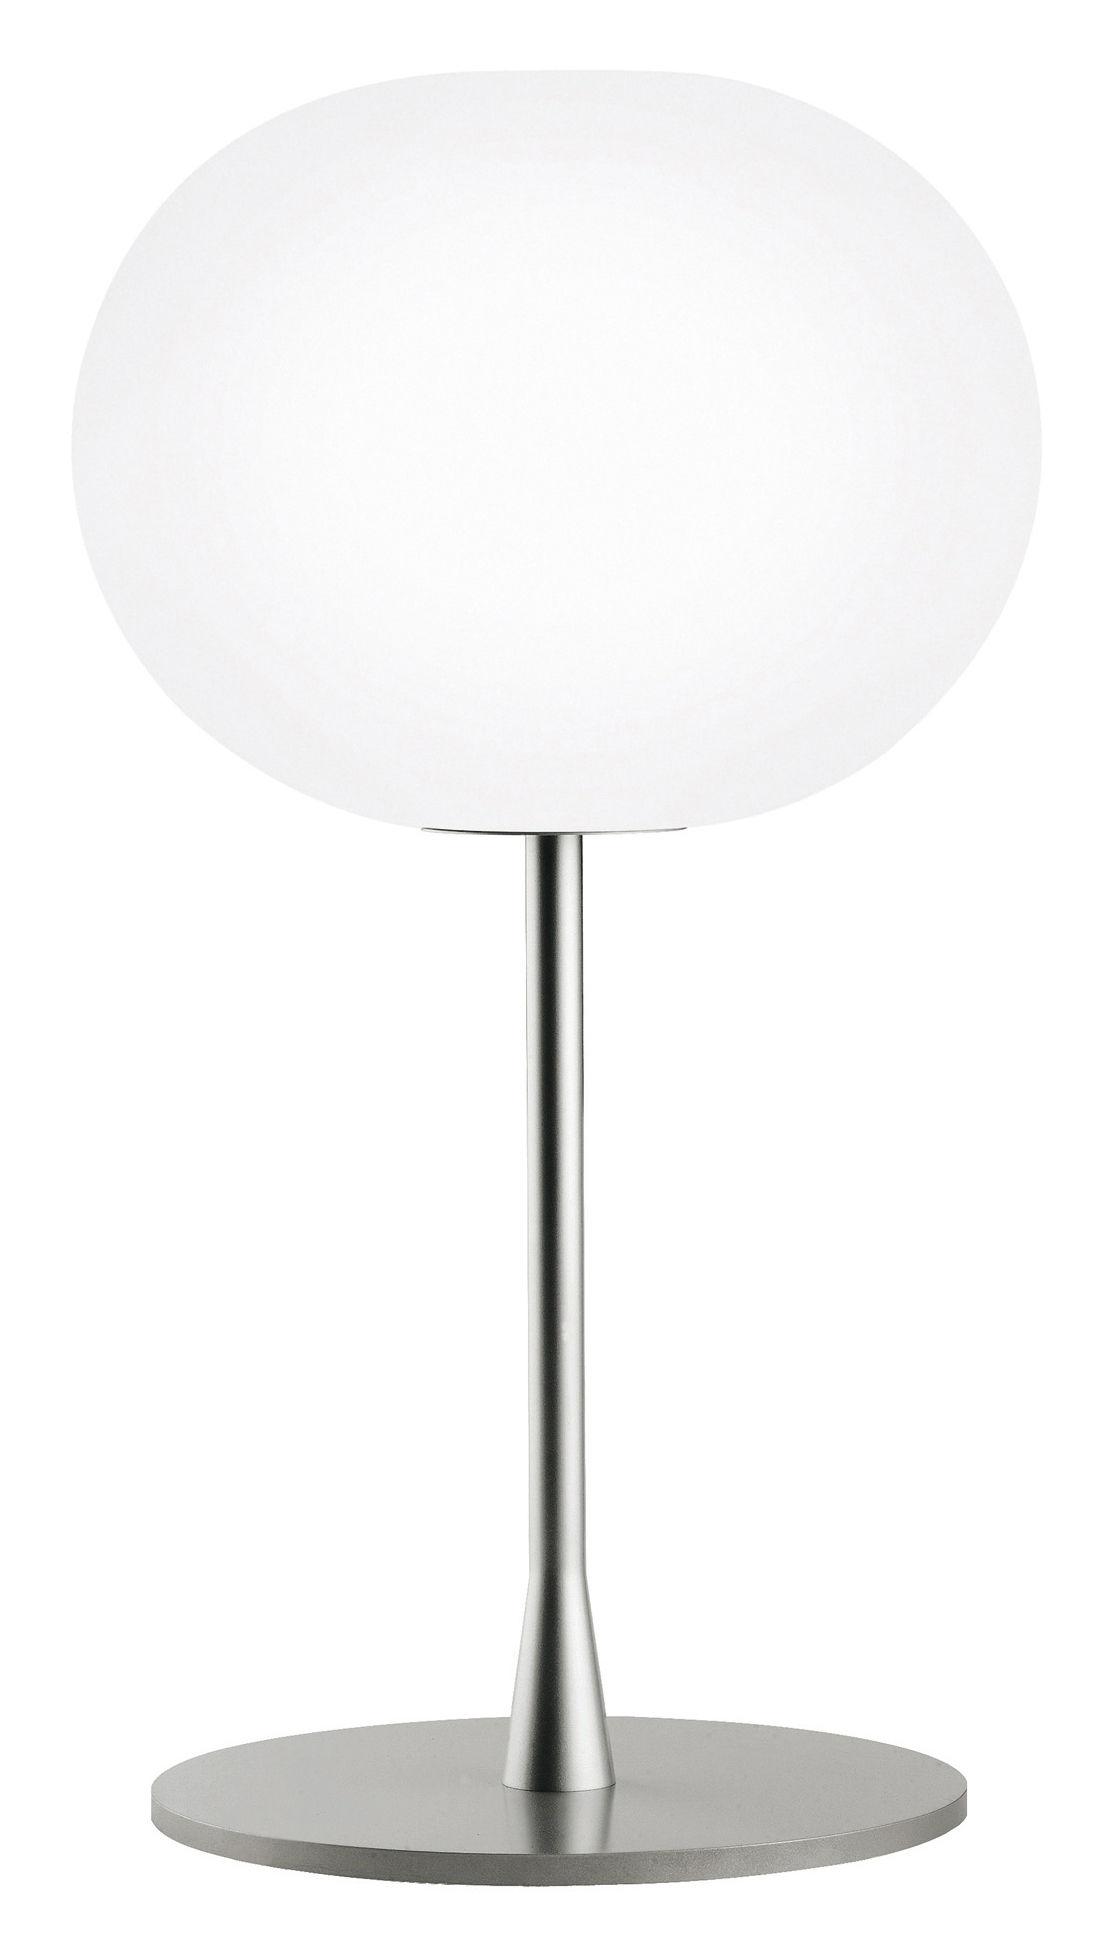 Illuminazione - Lampade da tavolo - Lampada da tavolo Glo-Ball T1 di Flos - Altezza 60 cm - Acciaio, Vetro